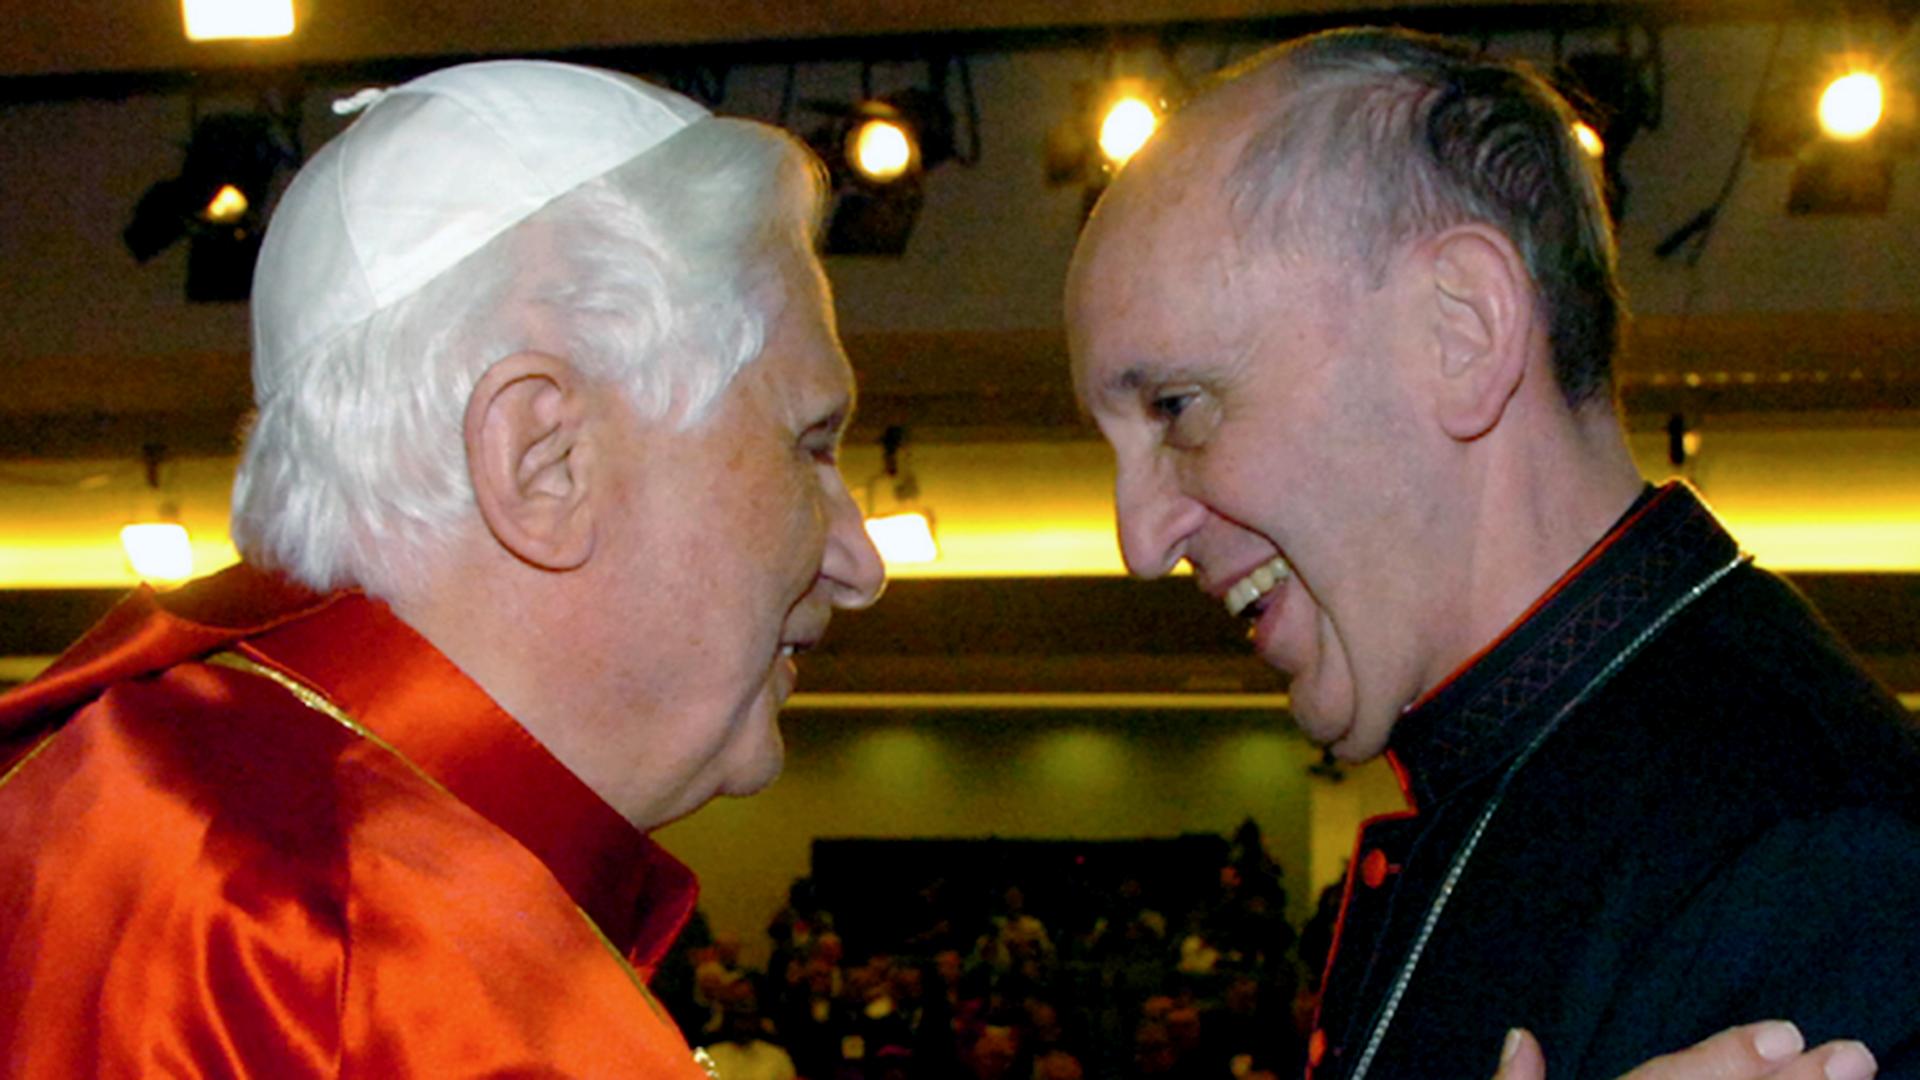 Benedicto XVI con el cardenal Jorge Bergoglio, en la V Conferencia general del CELAM, en el santuario de Nuestra Señora de la Concepción Aparecida, Brasil, el 13 de mayo de 2007